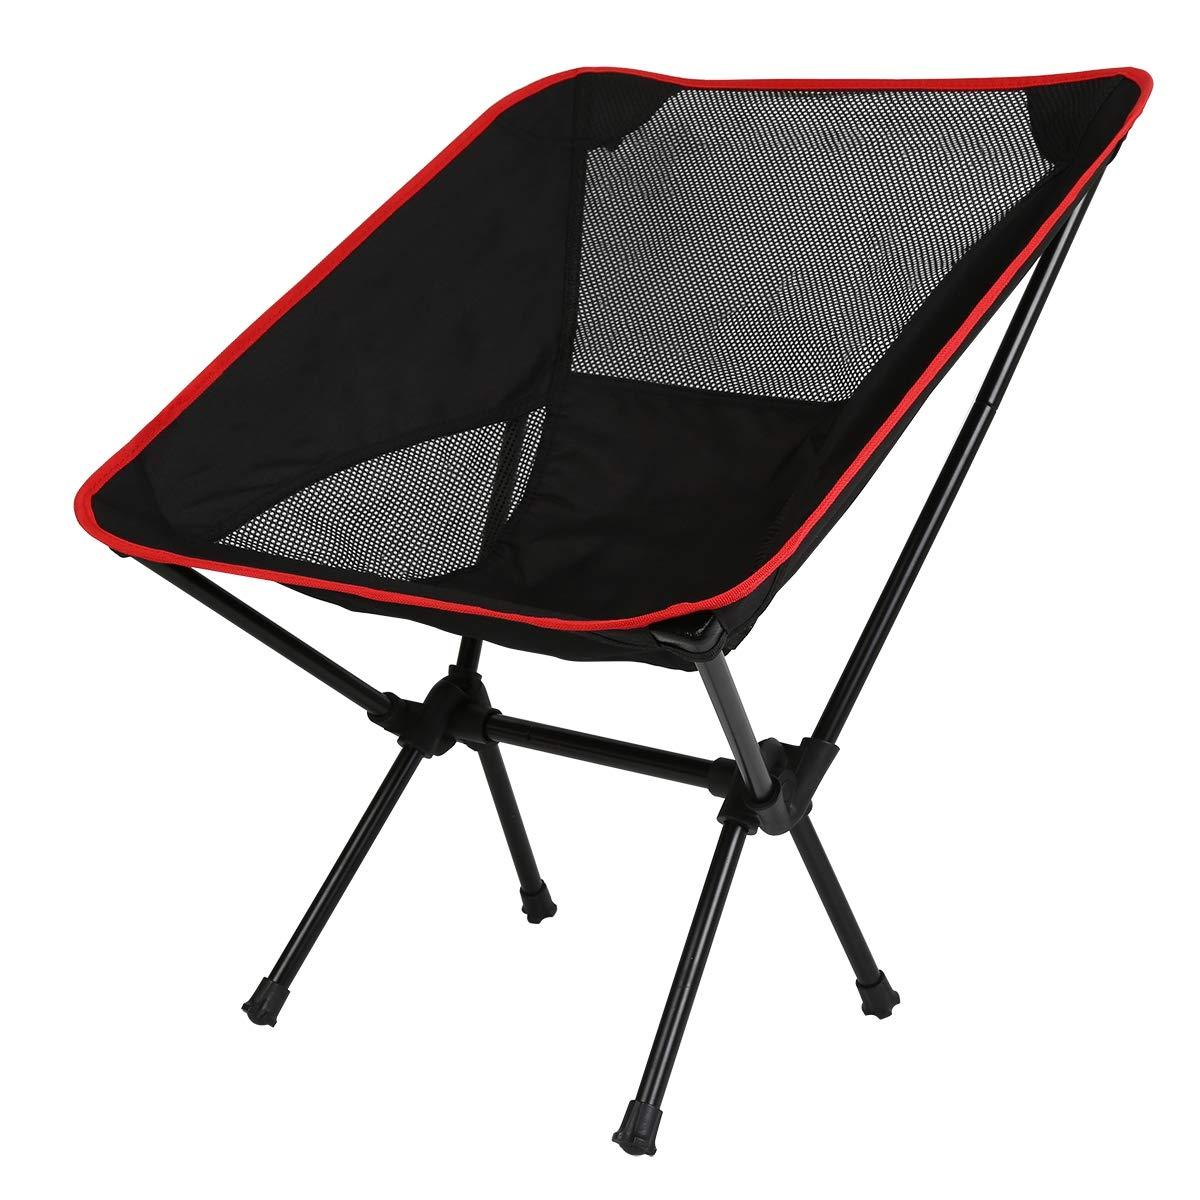 Amazon.com: Bright Starl - Silla plegable ultraligera para ...